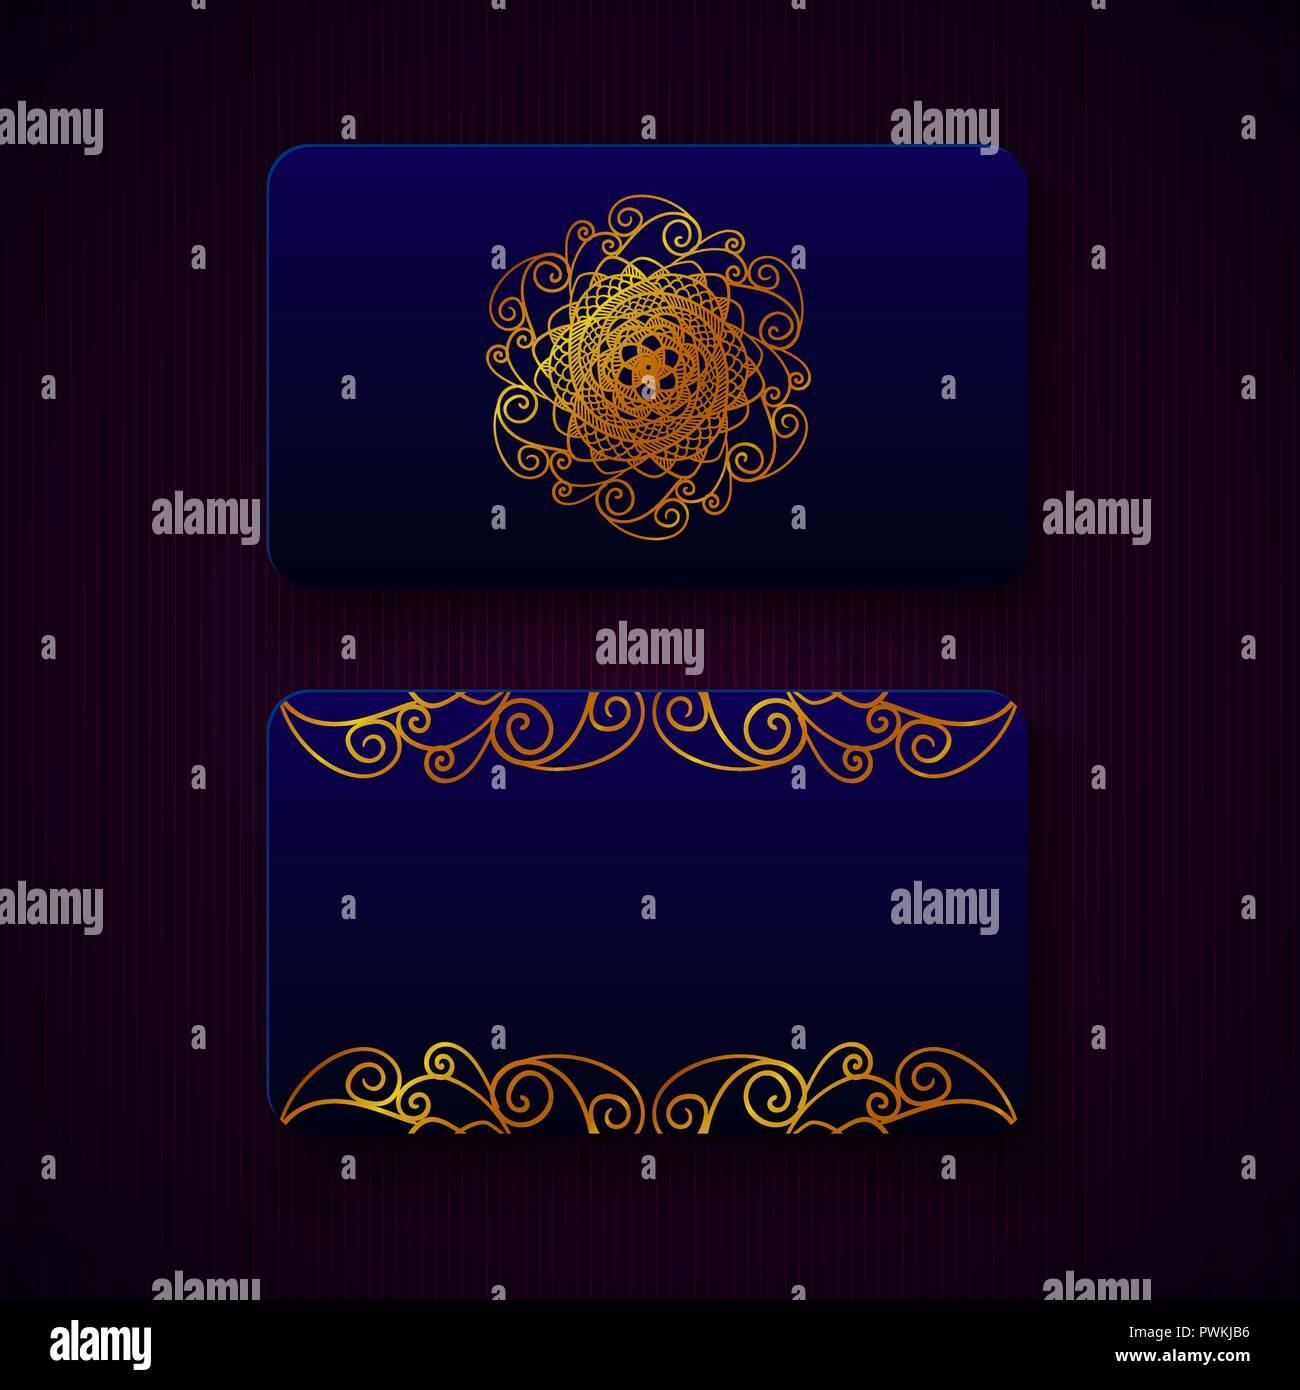 Luxus Visitenkarten Vorlagen In Tief Blaue Farbe Mit